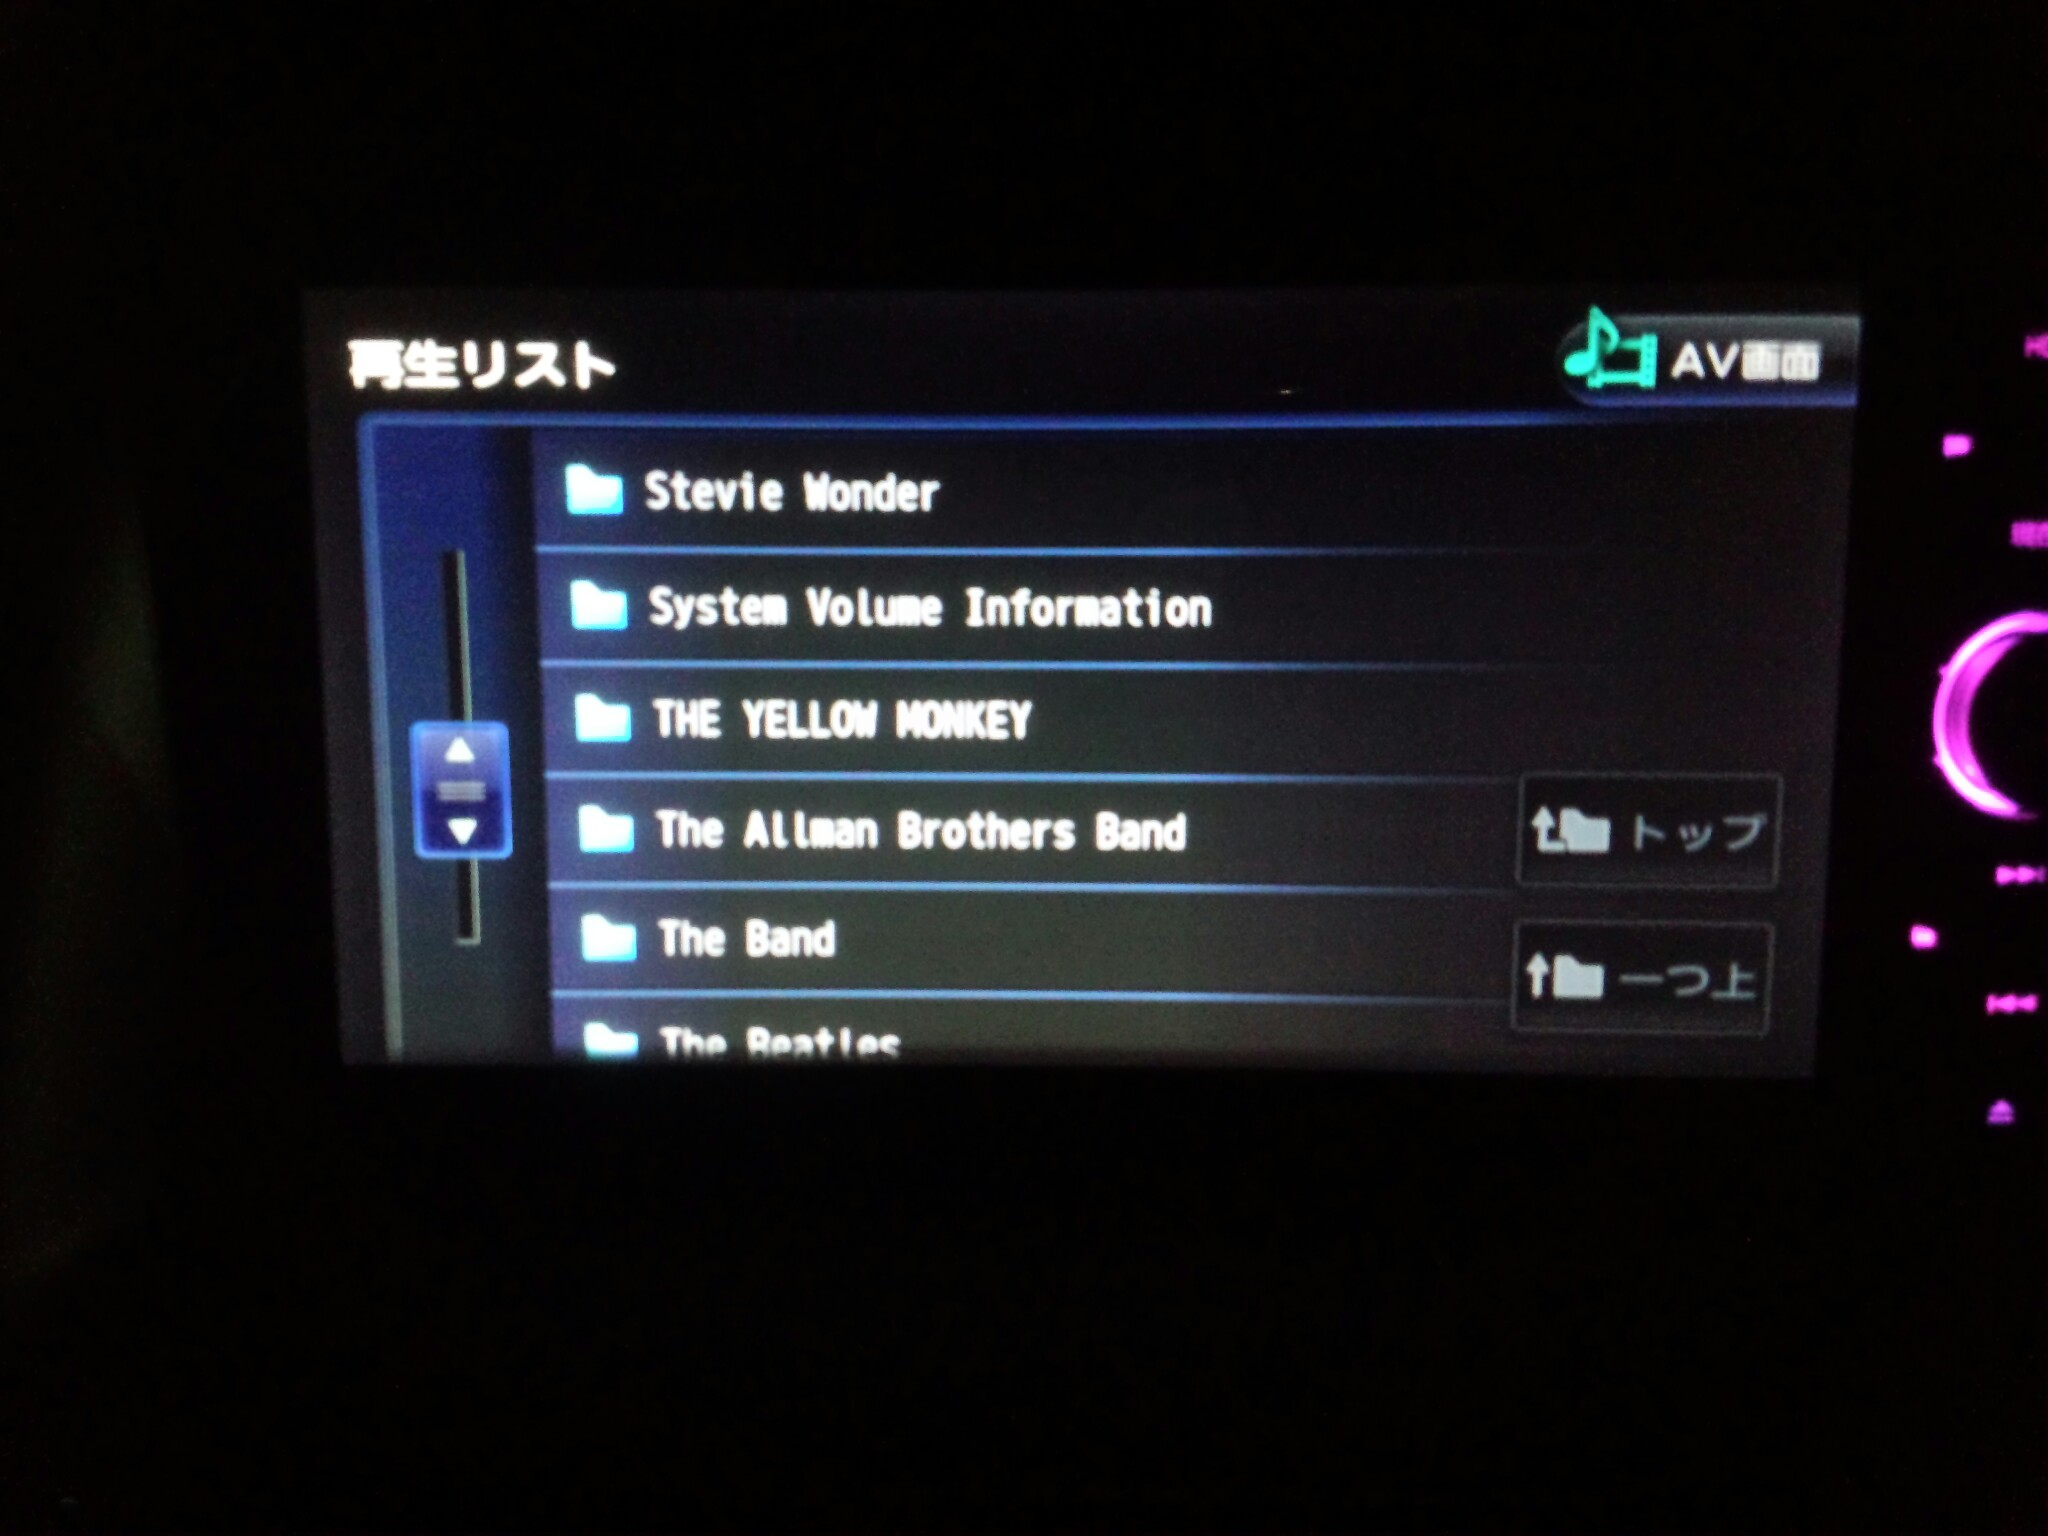 iTunesの音楽データをSDカードにコピーしナビで再生